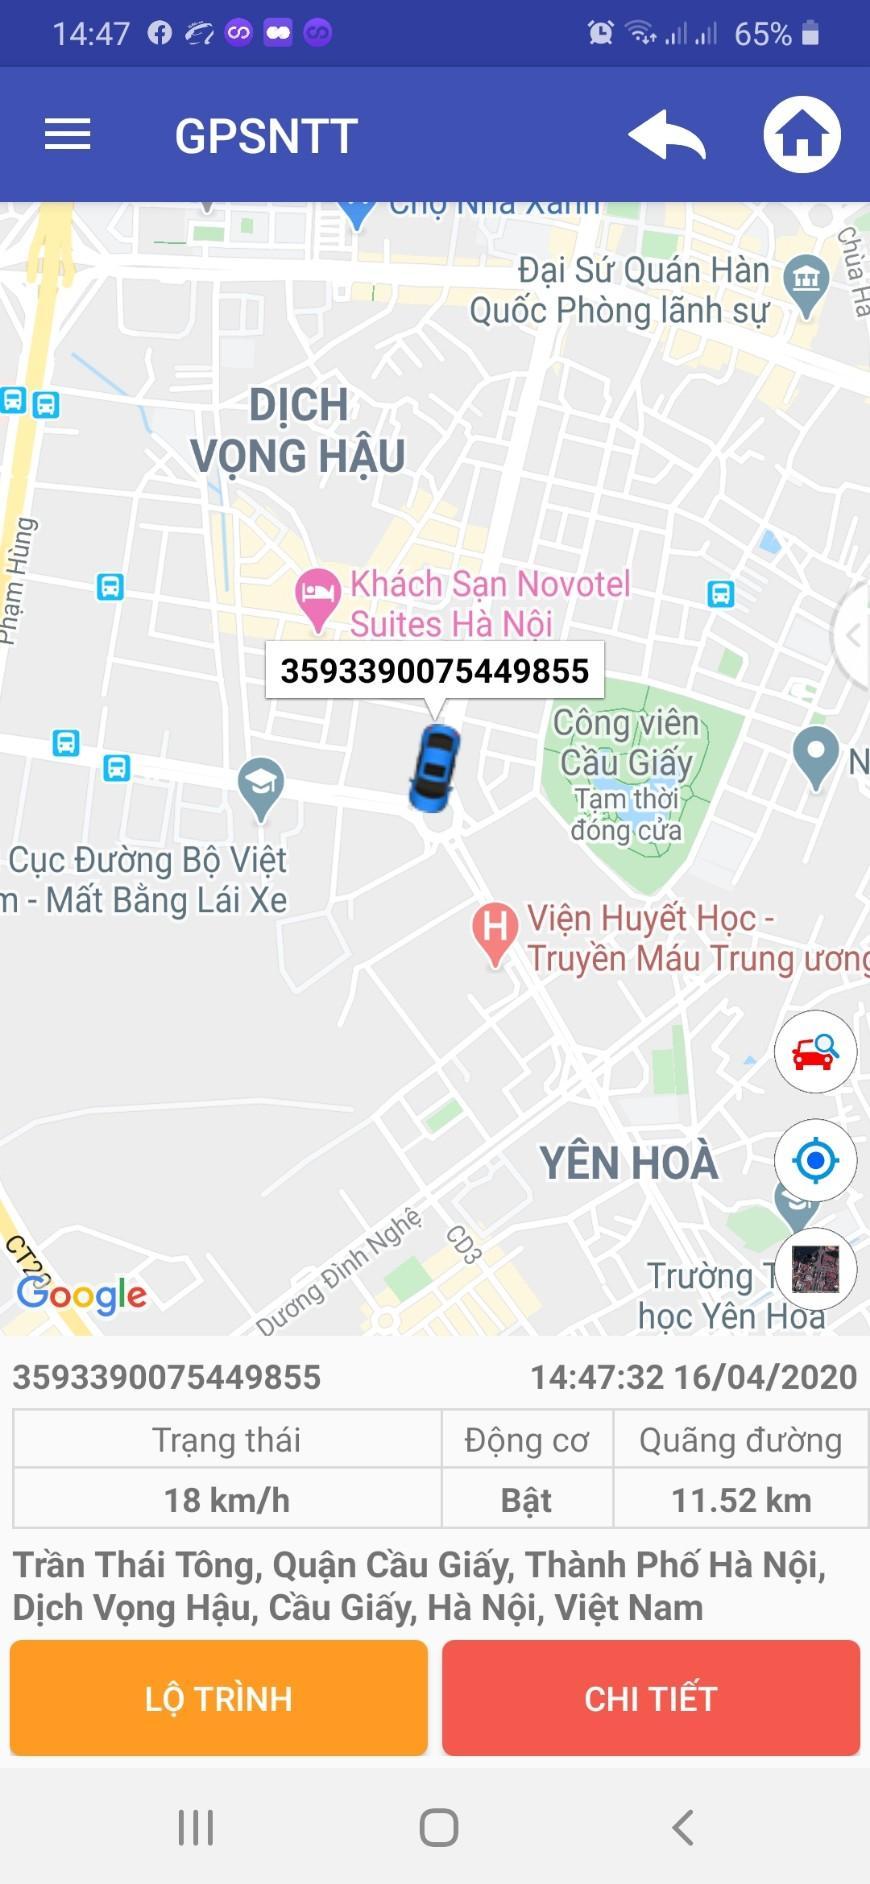 Định Vị Xe Máy Tắt Mở Máy Từ Xa A8 Plus (Loại Tốt) Kèm Sim 4G - Phần Mềm Tiếng Việt GPSNTT